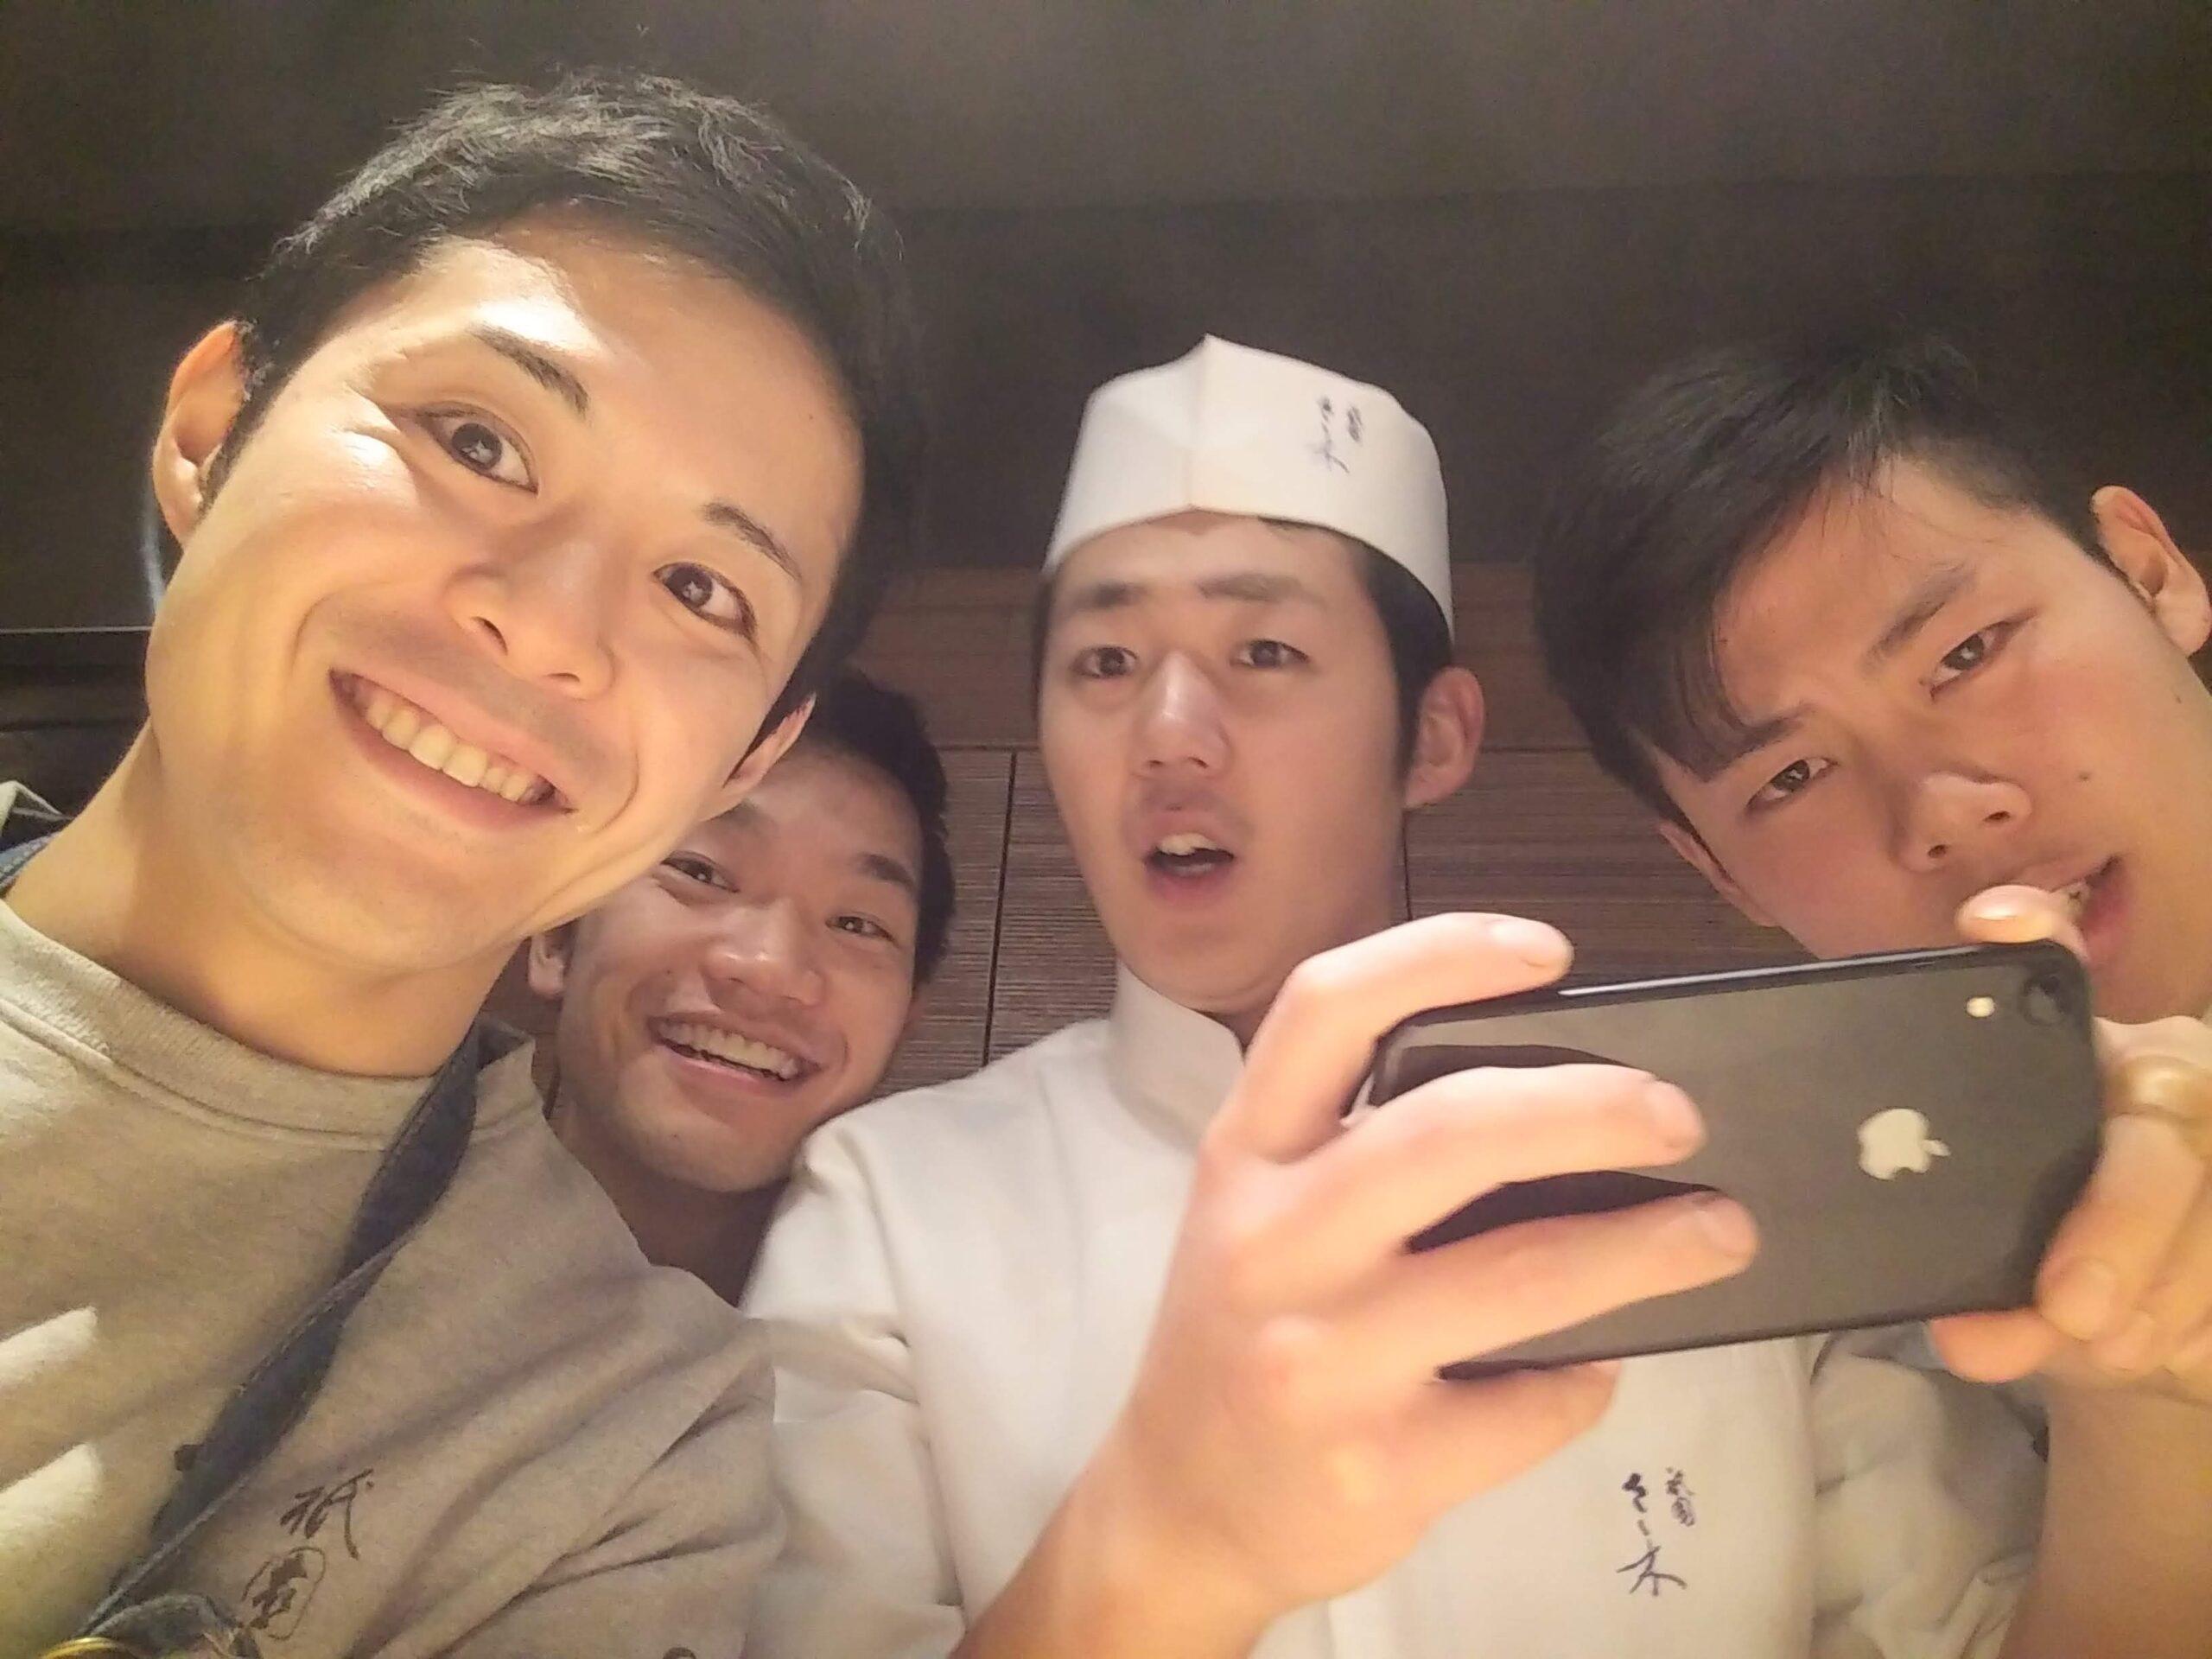 「祇園さゝ木」で働いていたころの職場の仲間との集合写真